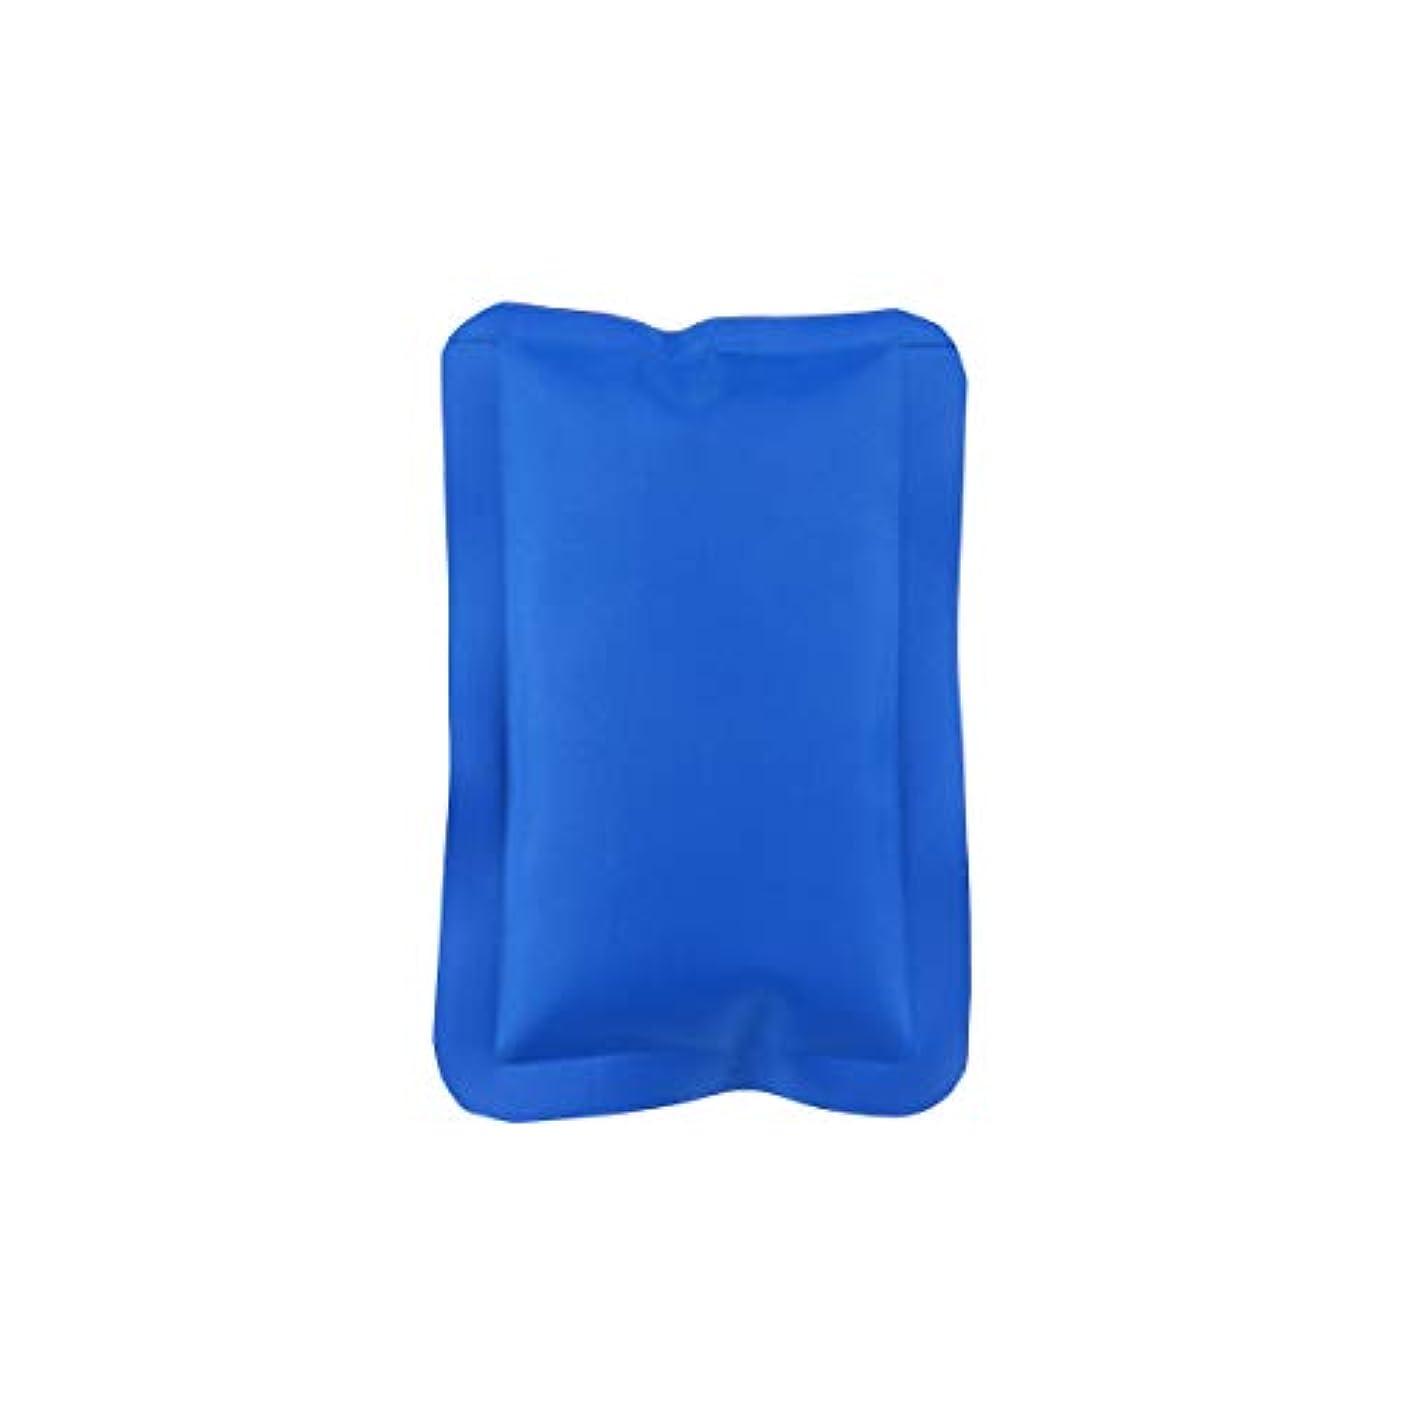 魅惑的な写真とげのあるHEALLILY 150ML再利用可能なホット&コールドジェルパック(コンプレッションラップスポーツ傷害)ジェルアイスパック多目的ヒートパック(マッスルリリーフ用、16x10x1cm、ブルー)